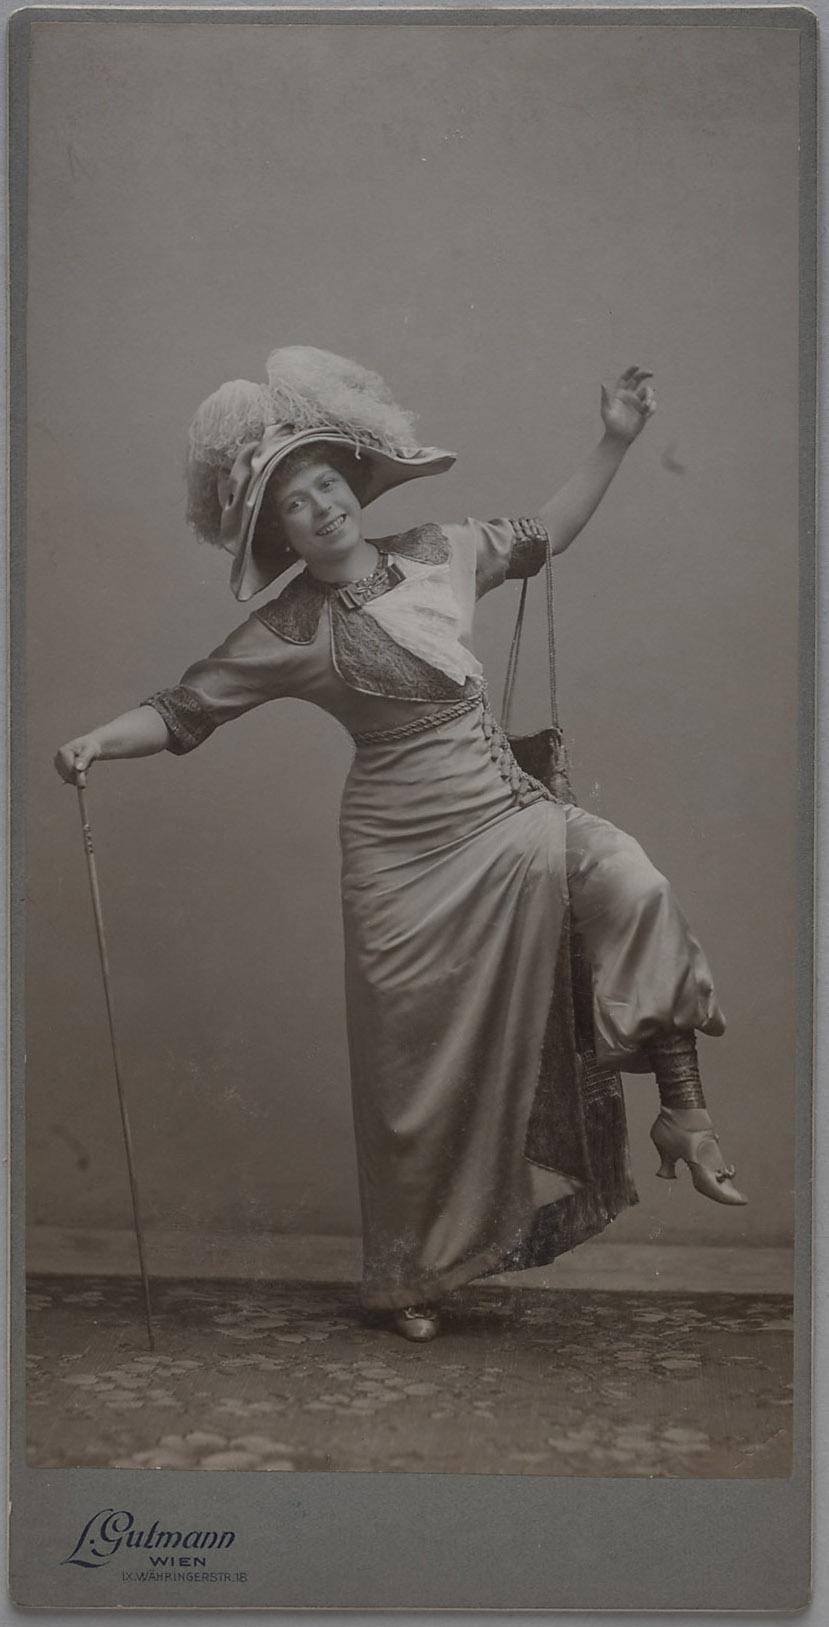 Louise Kartousch von Ludwig Gutmann, Wien